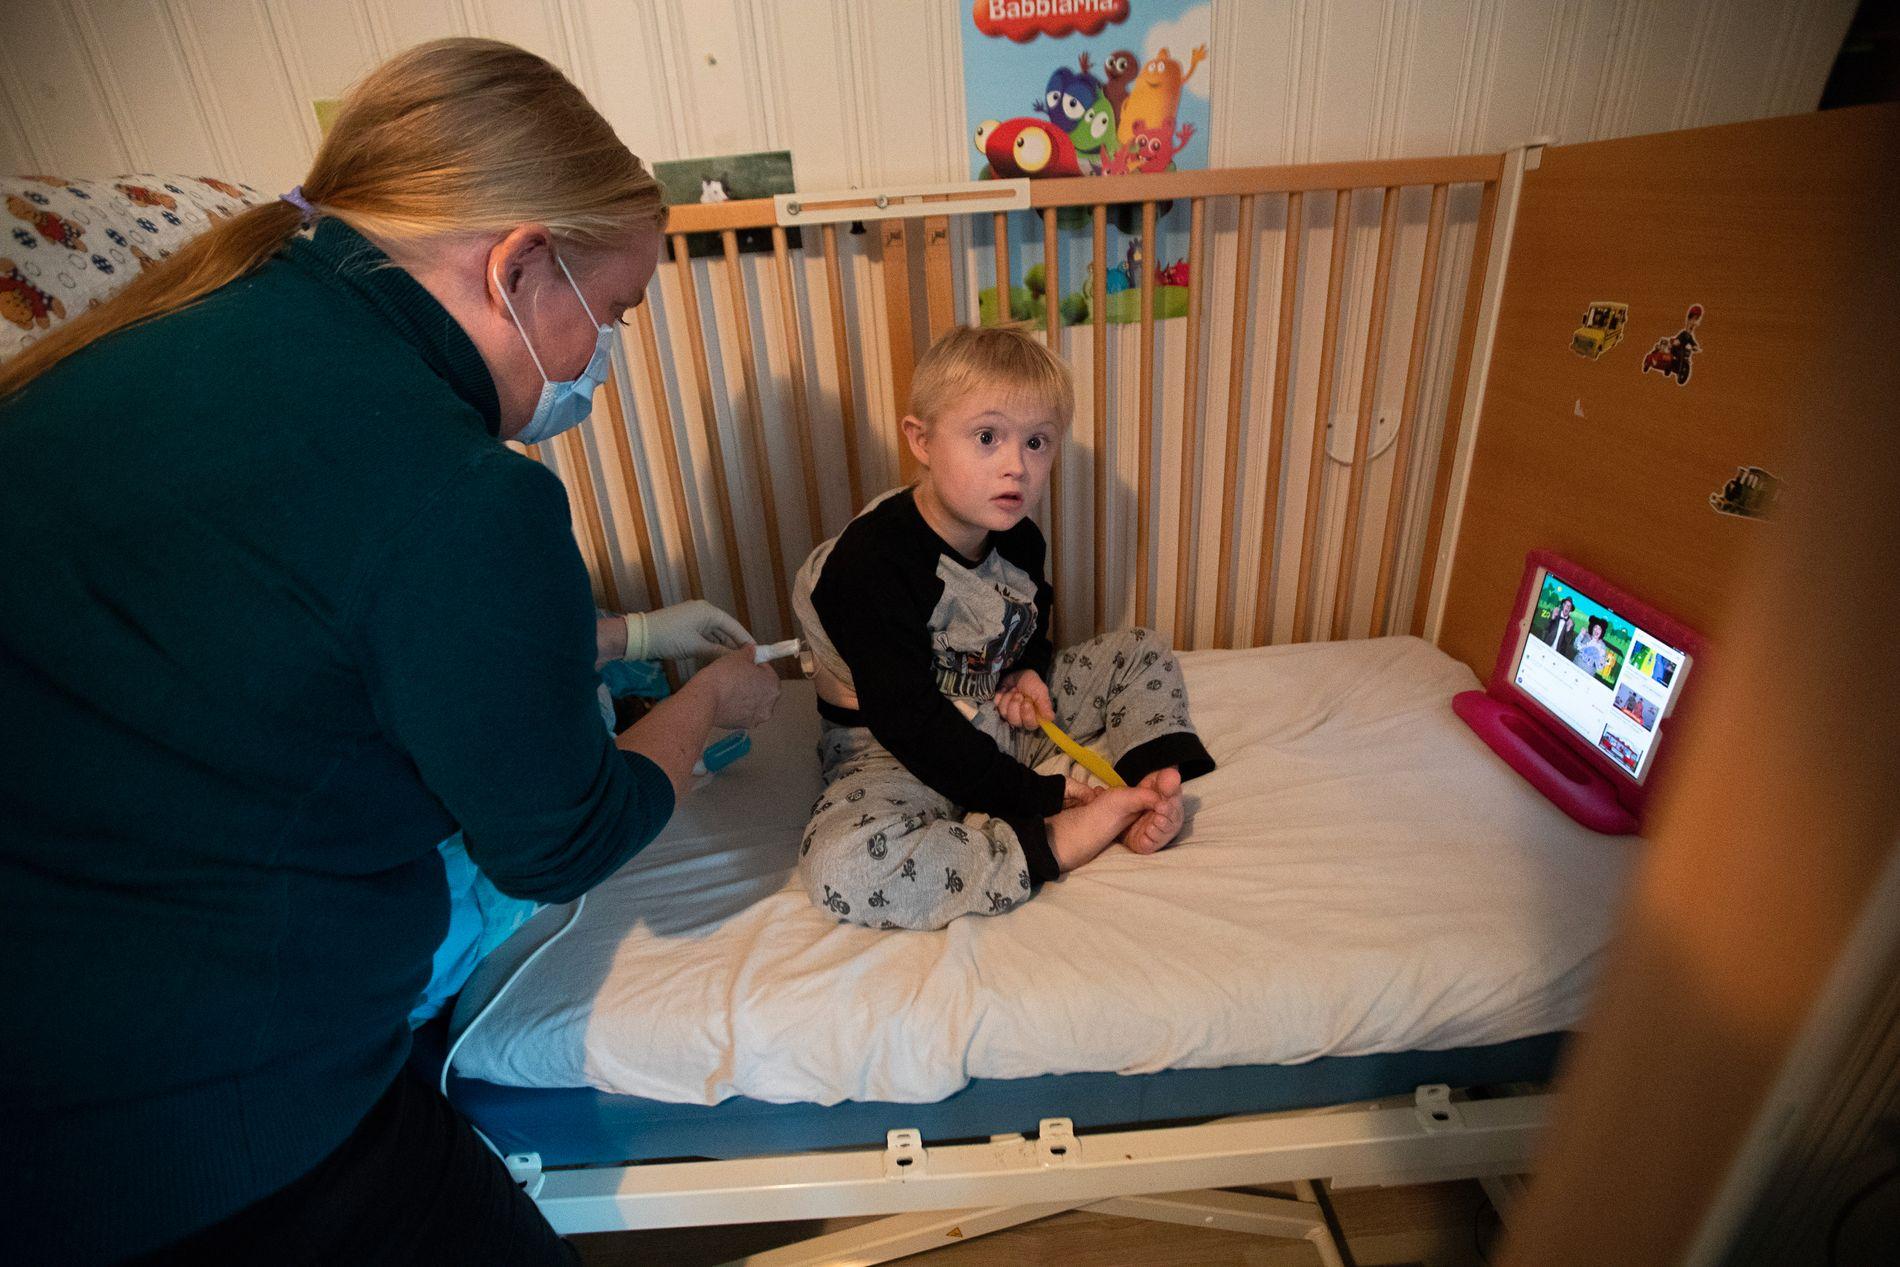 BLIR IKKE HØRT: – Vi har forsøkt å få forsvarlig helsehjelp i tre år, men kommer ingen vei. Det er som å stange hodet i en murvegg, sier mamma Nina Bakkefjord.